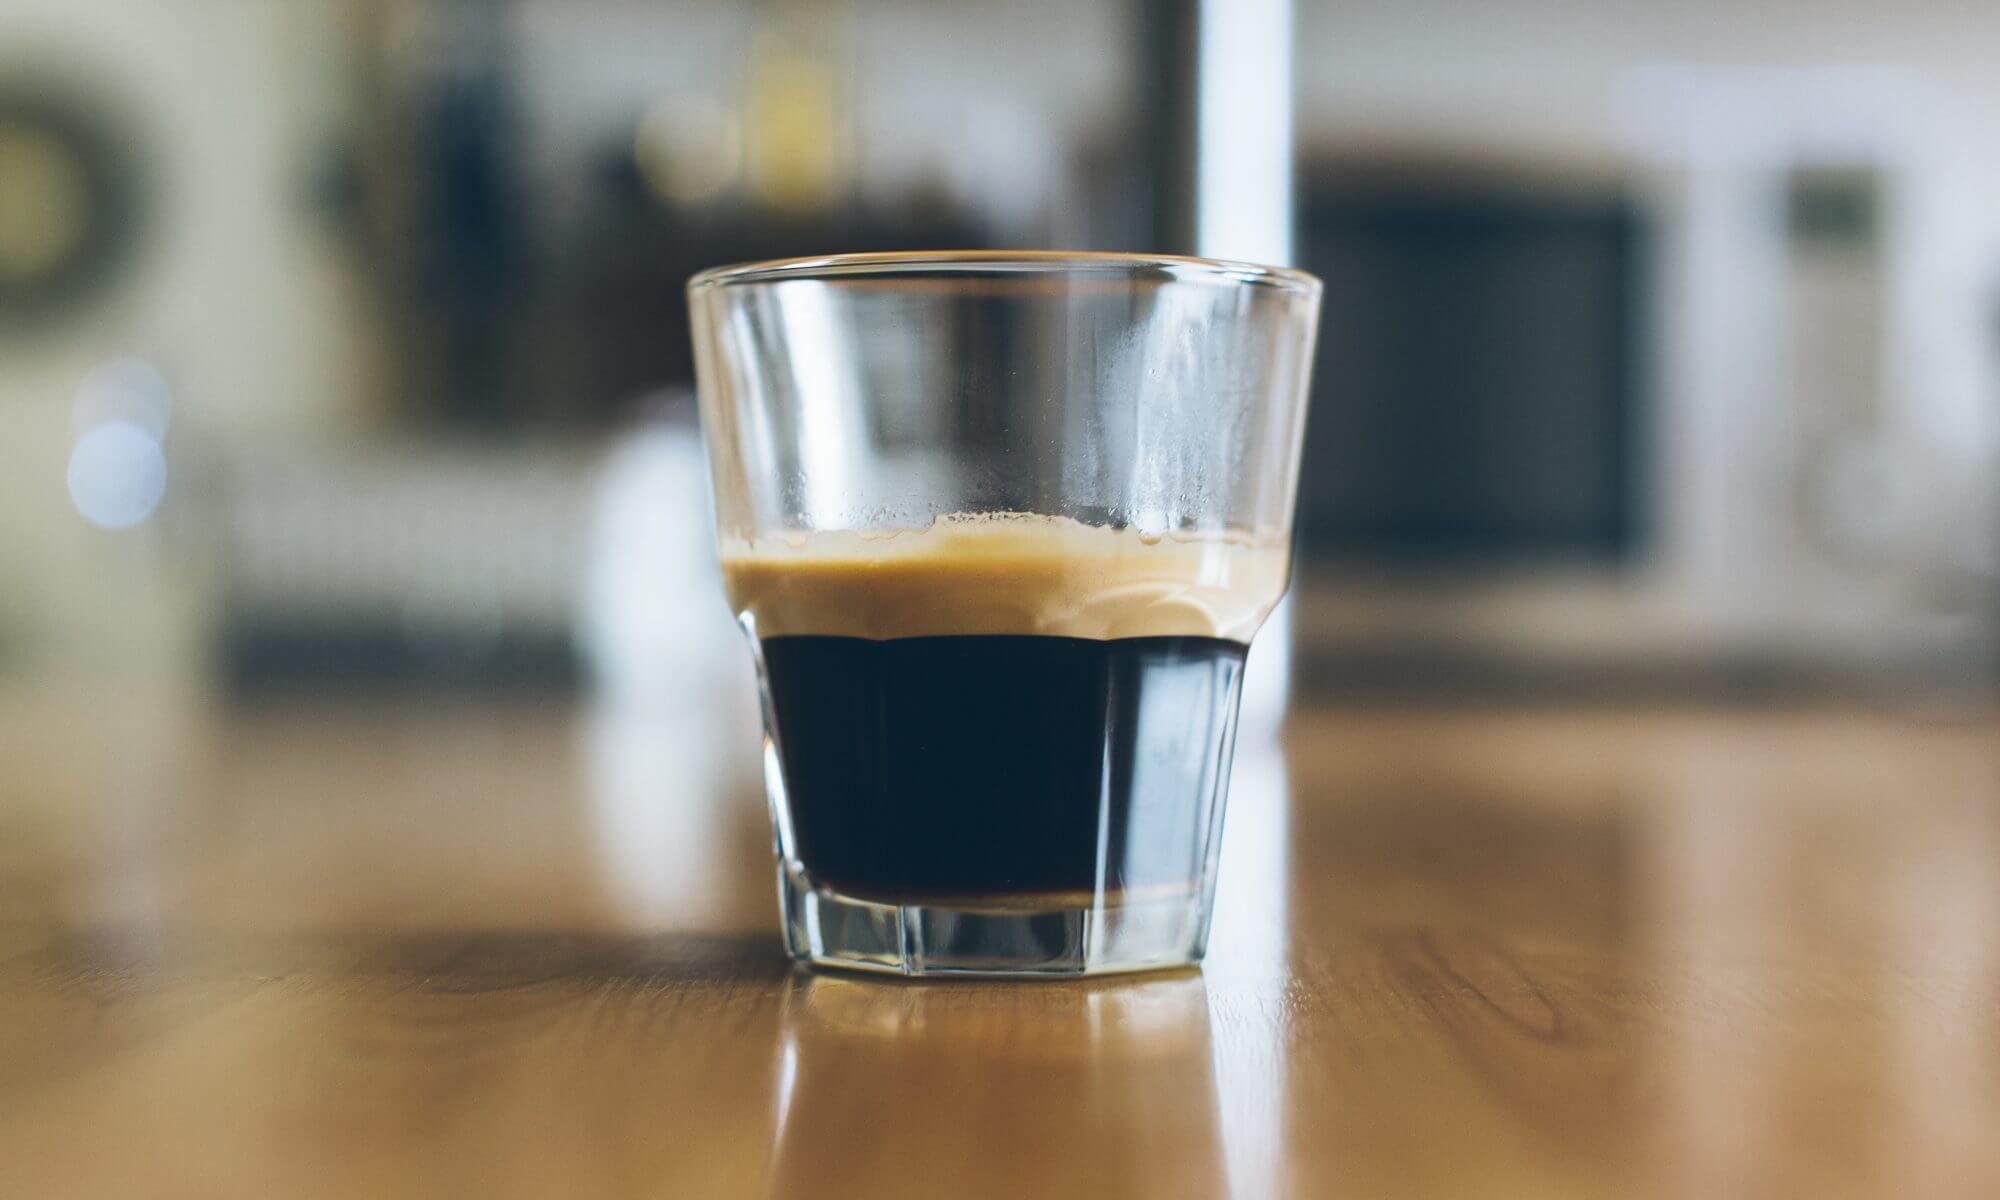 Intet cafésalg – kun kiosksalg